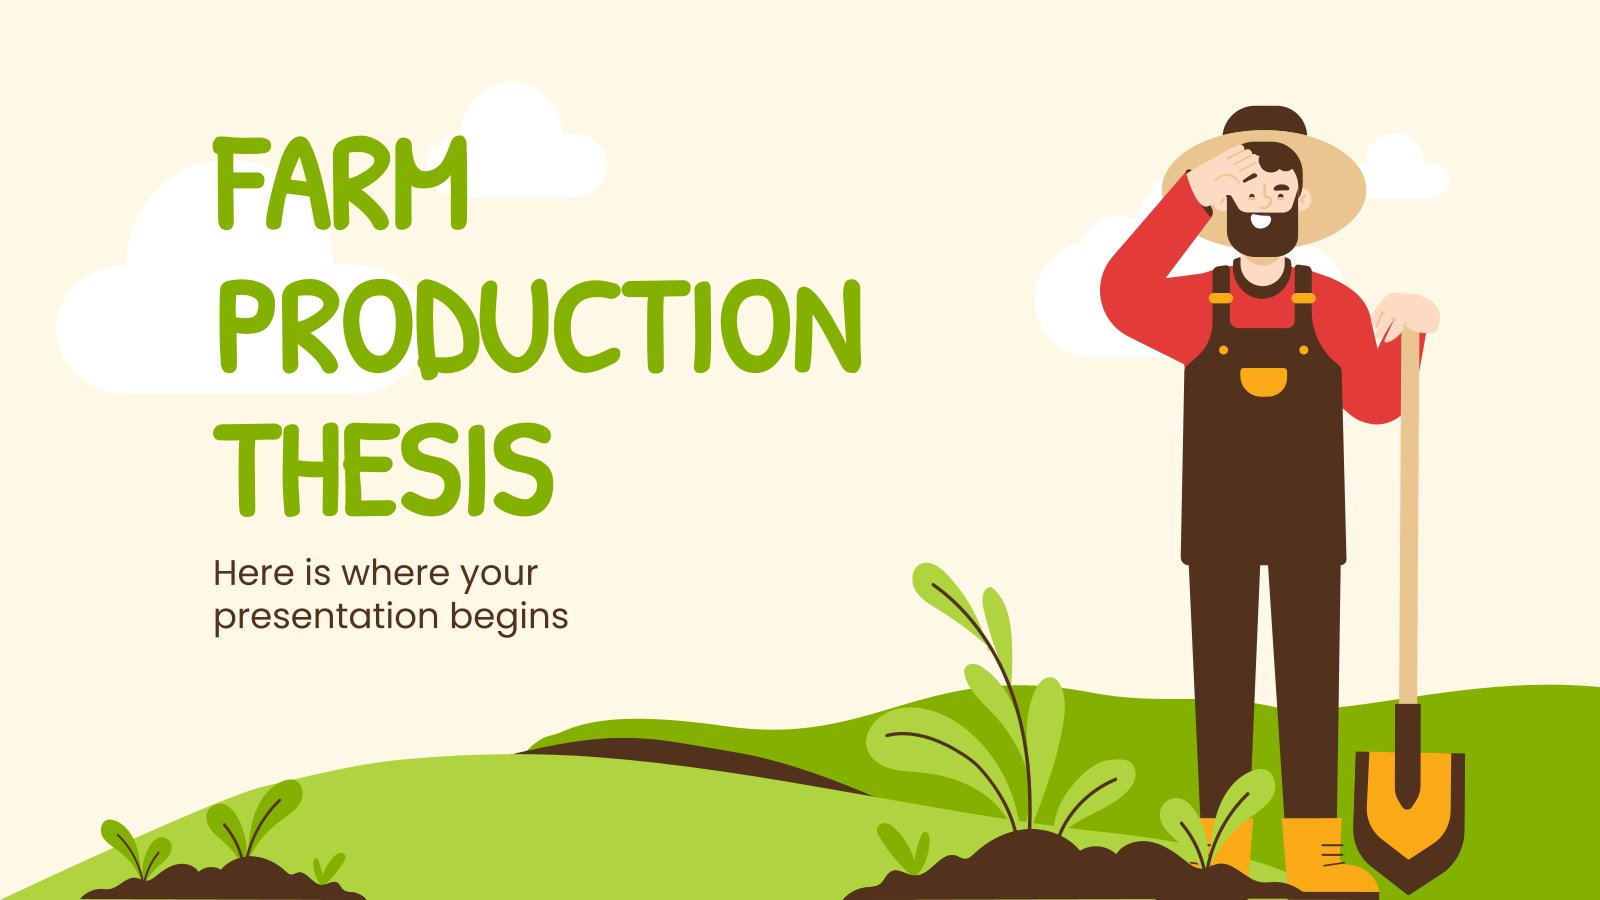 Abschlussarbeit landwirtschaftliche Produktion Präsentationsvorlage